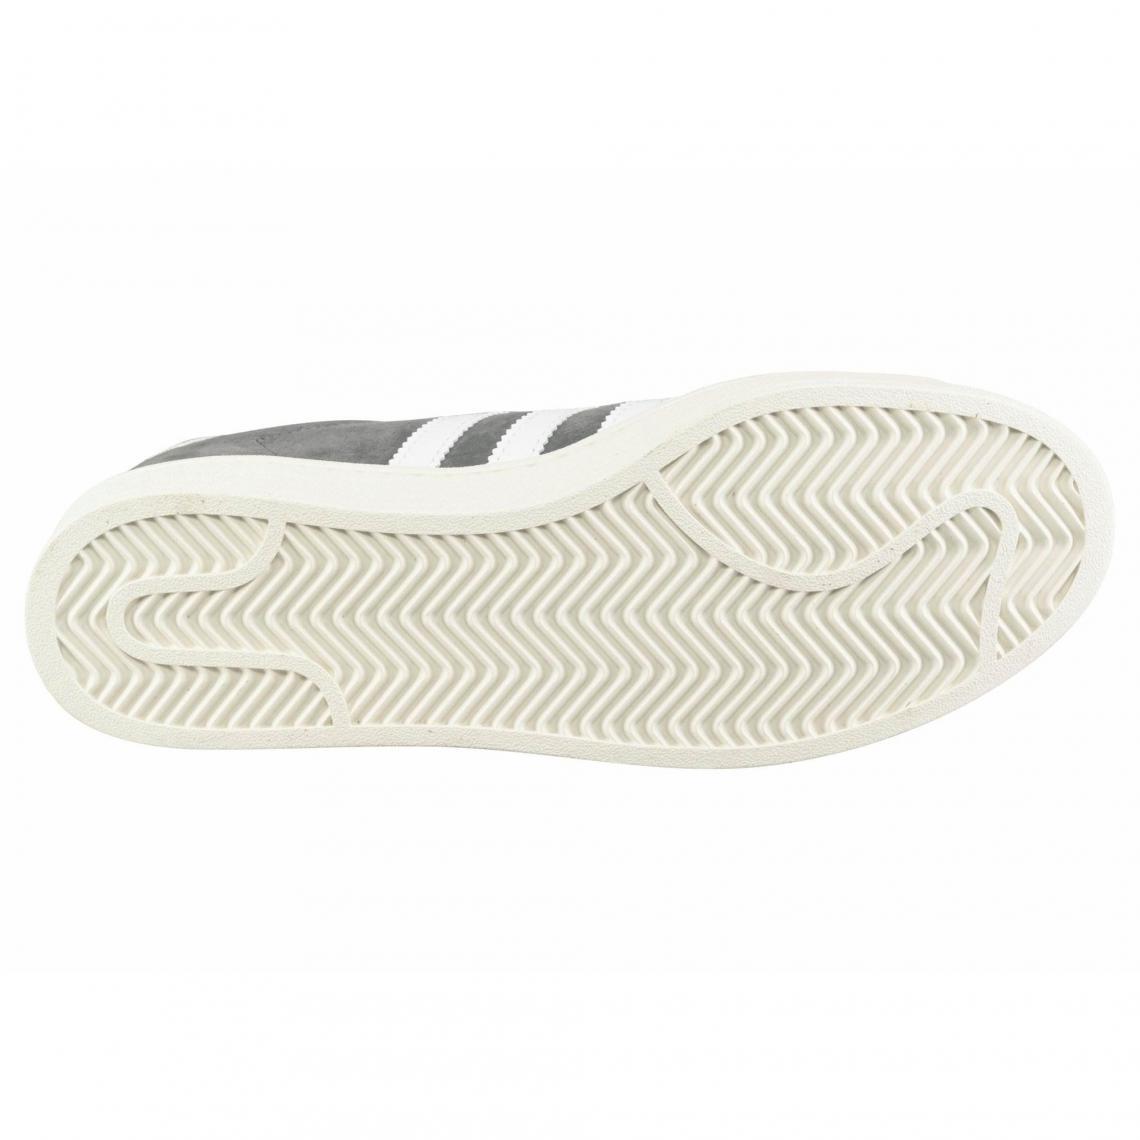 reputable site 26556 f03f7 Sneaker Campus homme adidas Originals - Gris - Blanc Adidas Originals